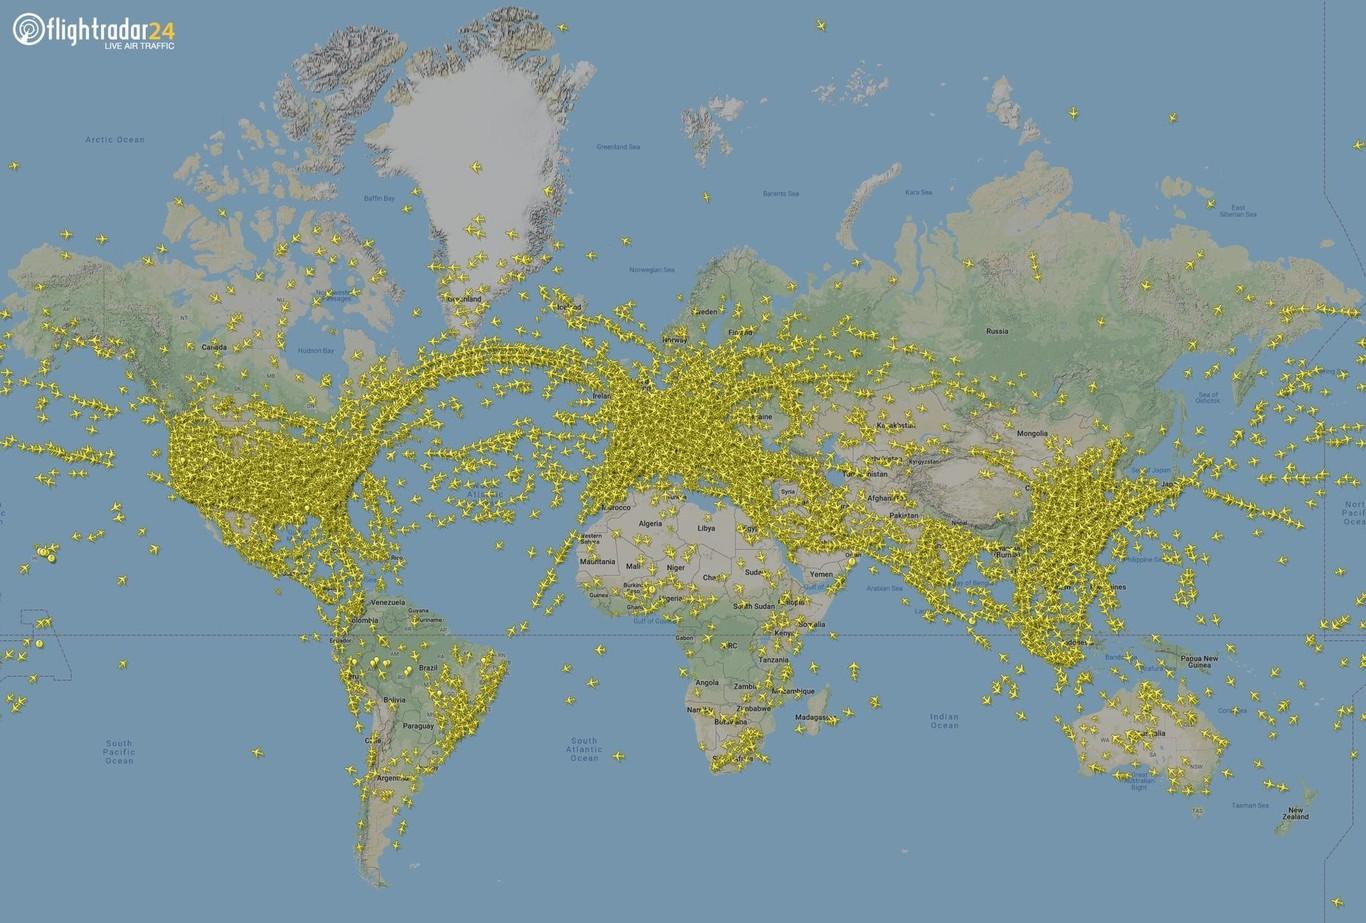 Mapa Vuelos En Directo.230 000 Vuelos Registrados En Un Solo Dia En Todo El Planeta Un Nuevo Record Que Se Batio Esta Semana No Una Sino Dos Veces